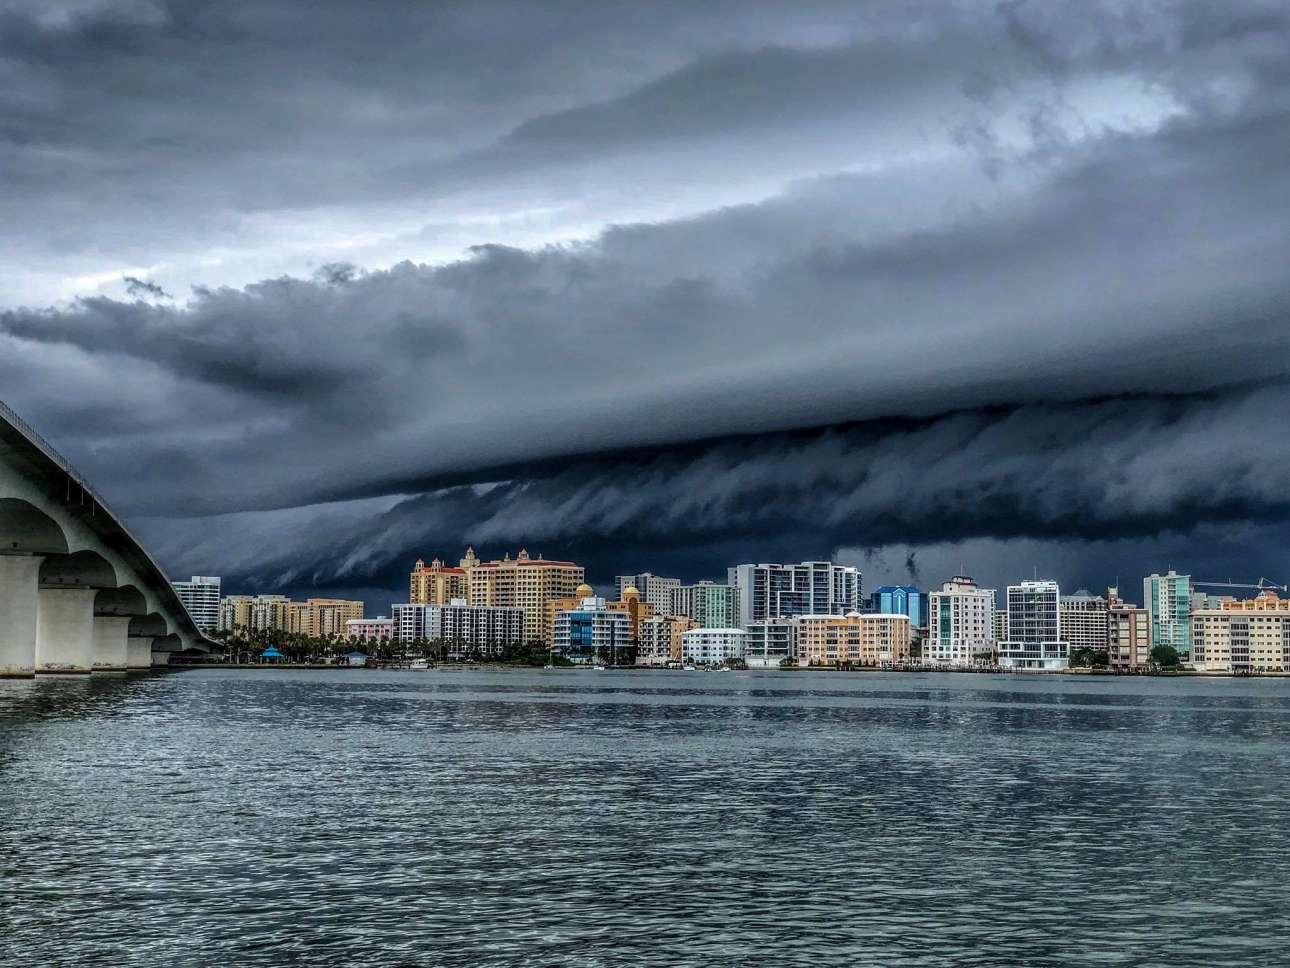 Τρίτη, 26 Ιουνίου, ΗΠΑ. Καταιγίδα στη Σεϊρασότα της Φλόριντα